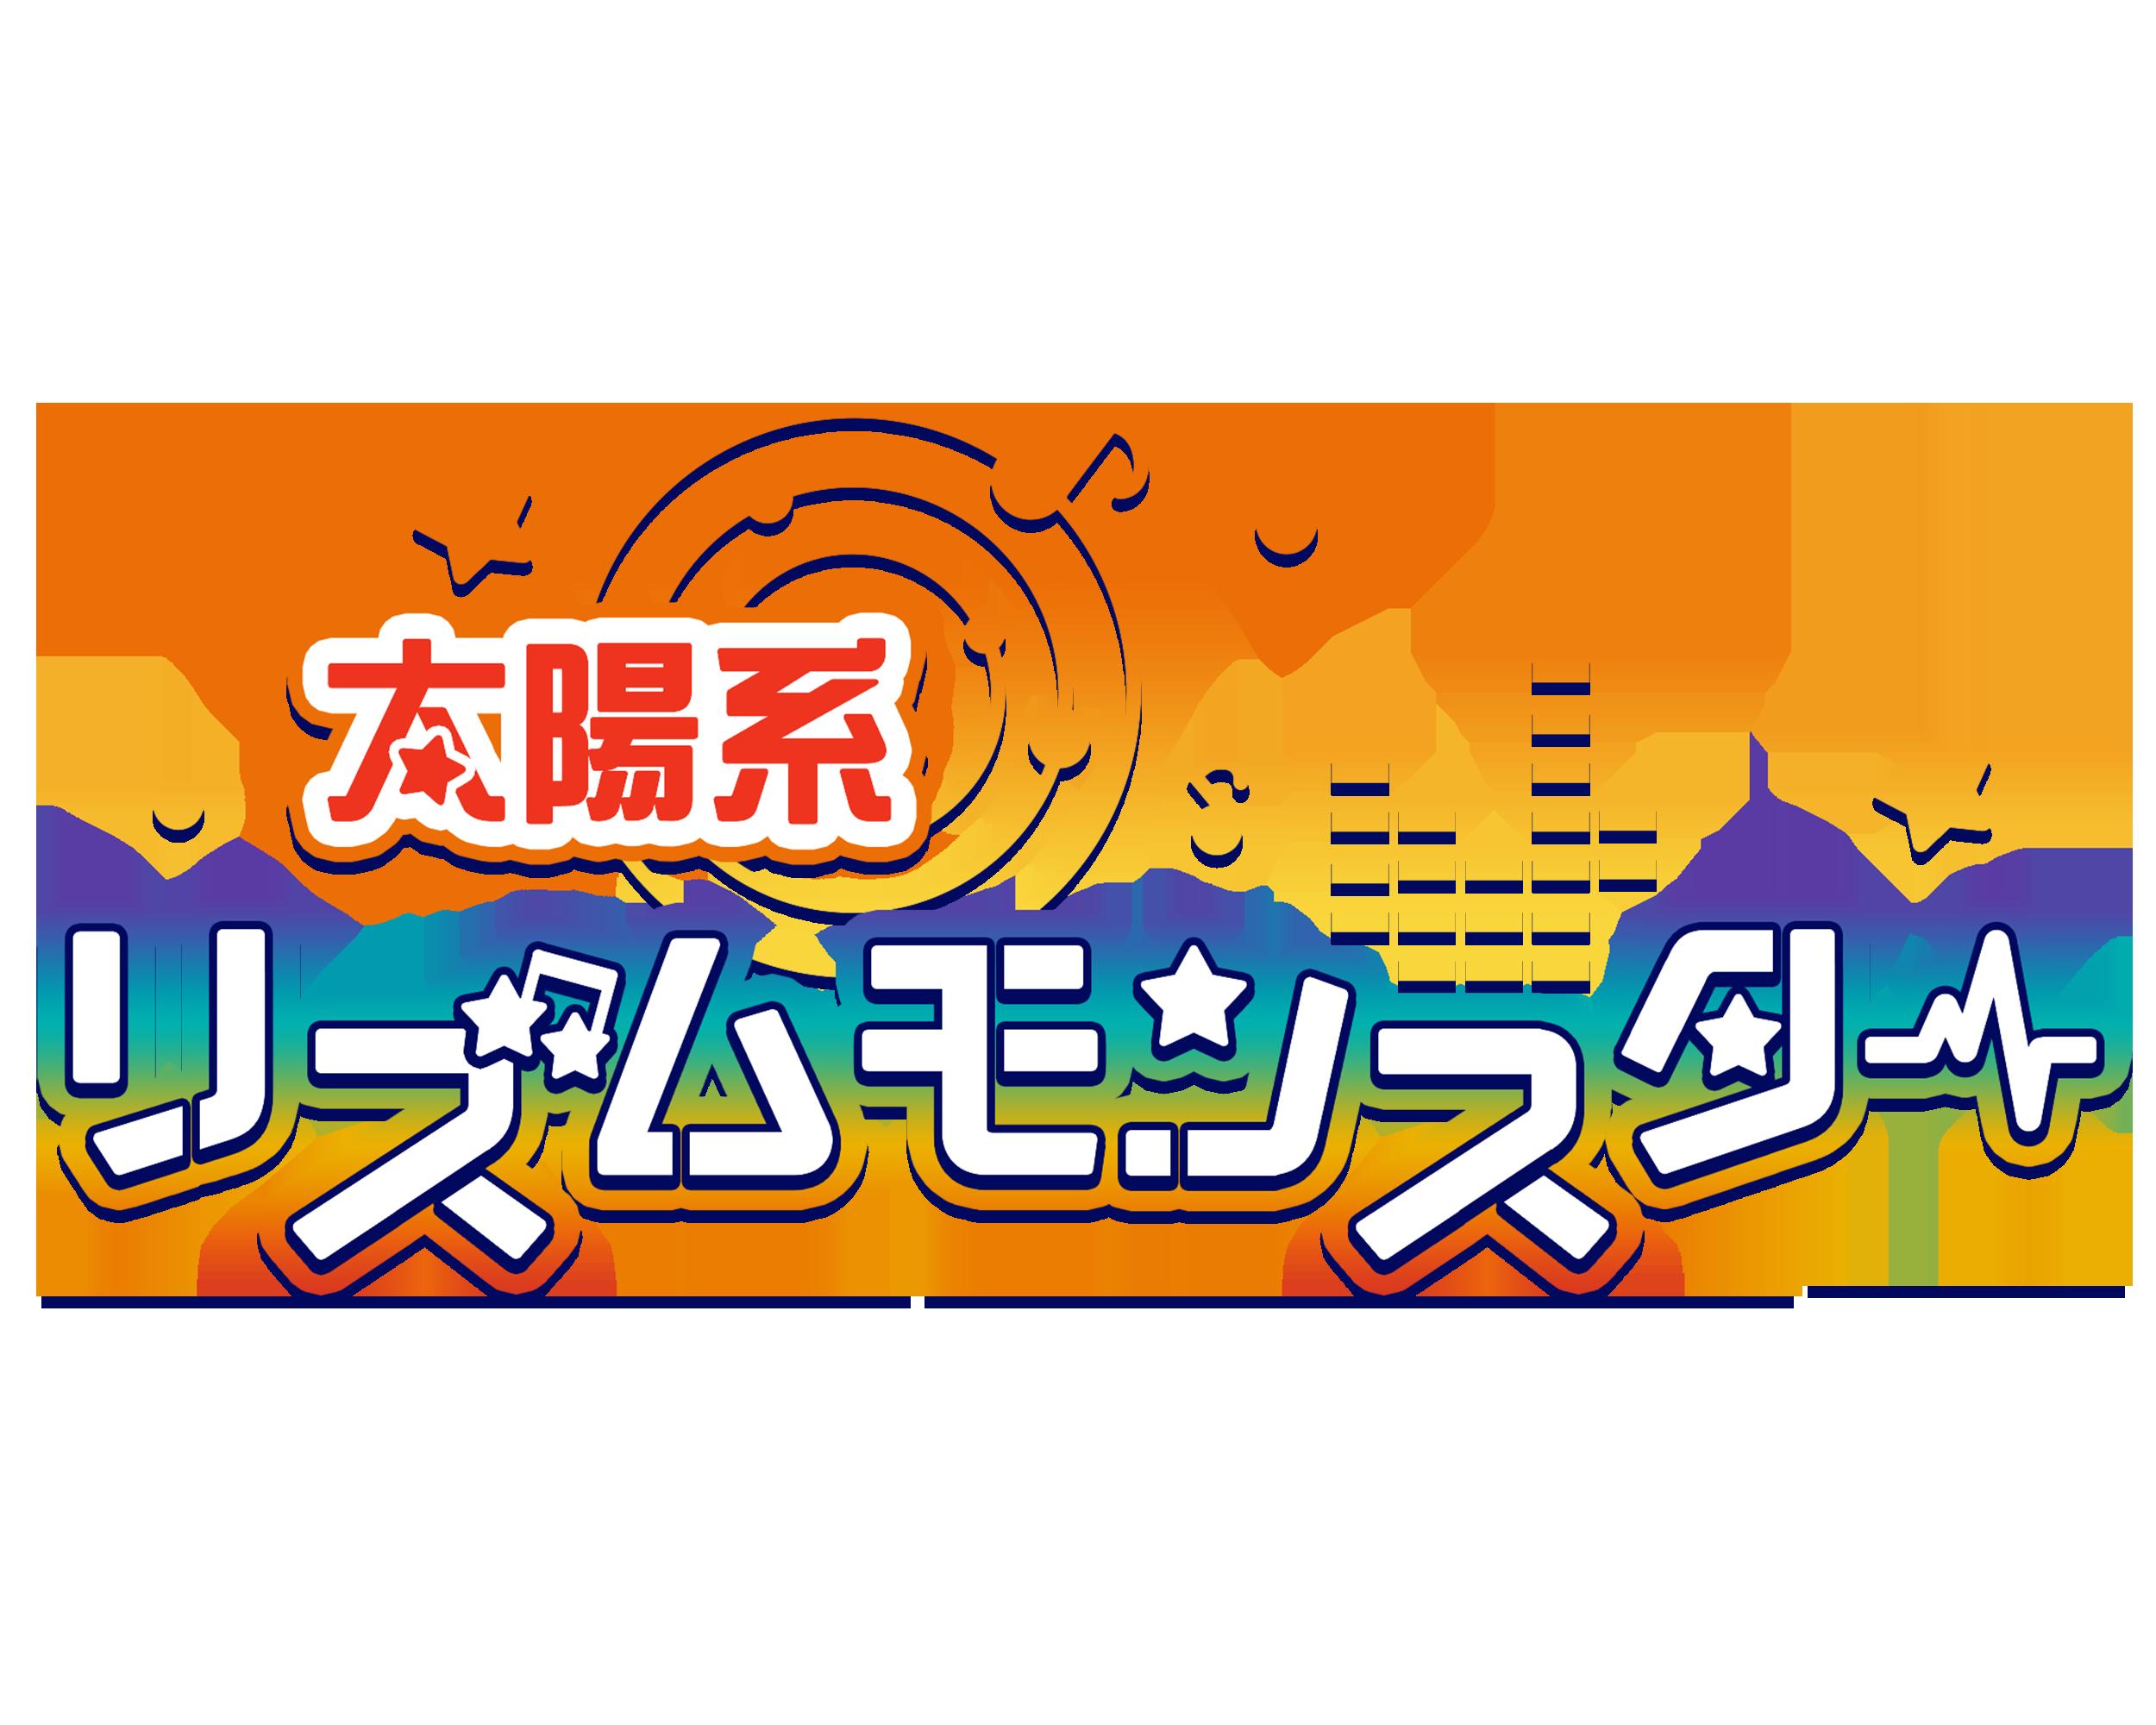 Keytalk カジュアルゲームプロジェクト 事前予約開始の巻 G Cafe